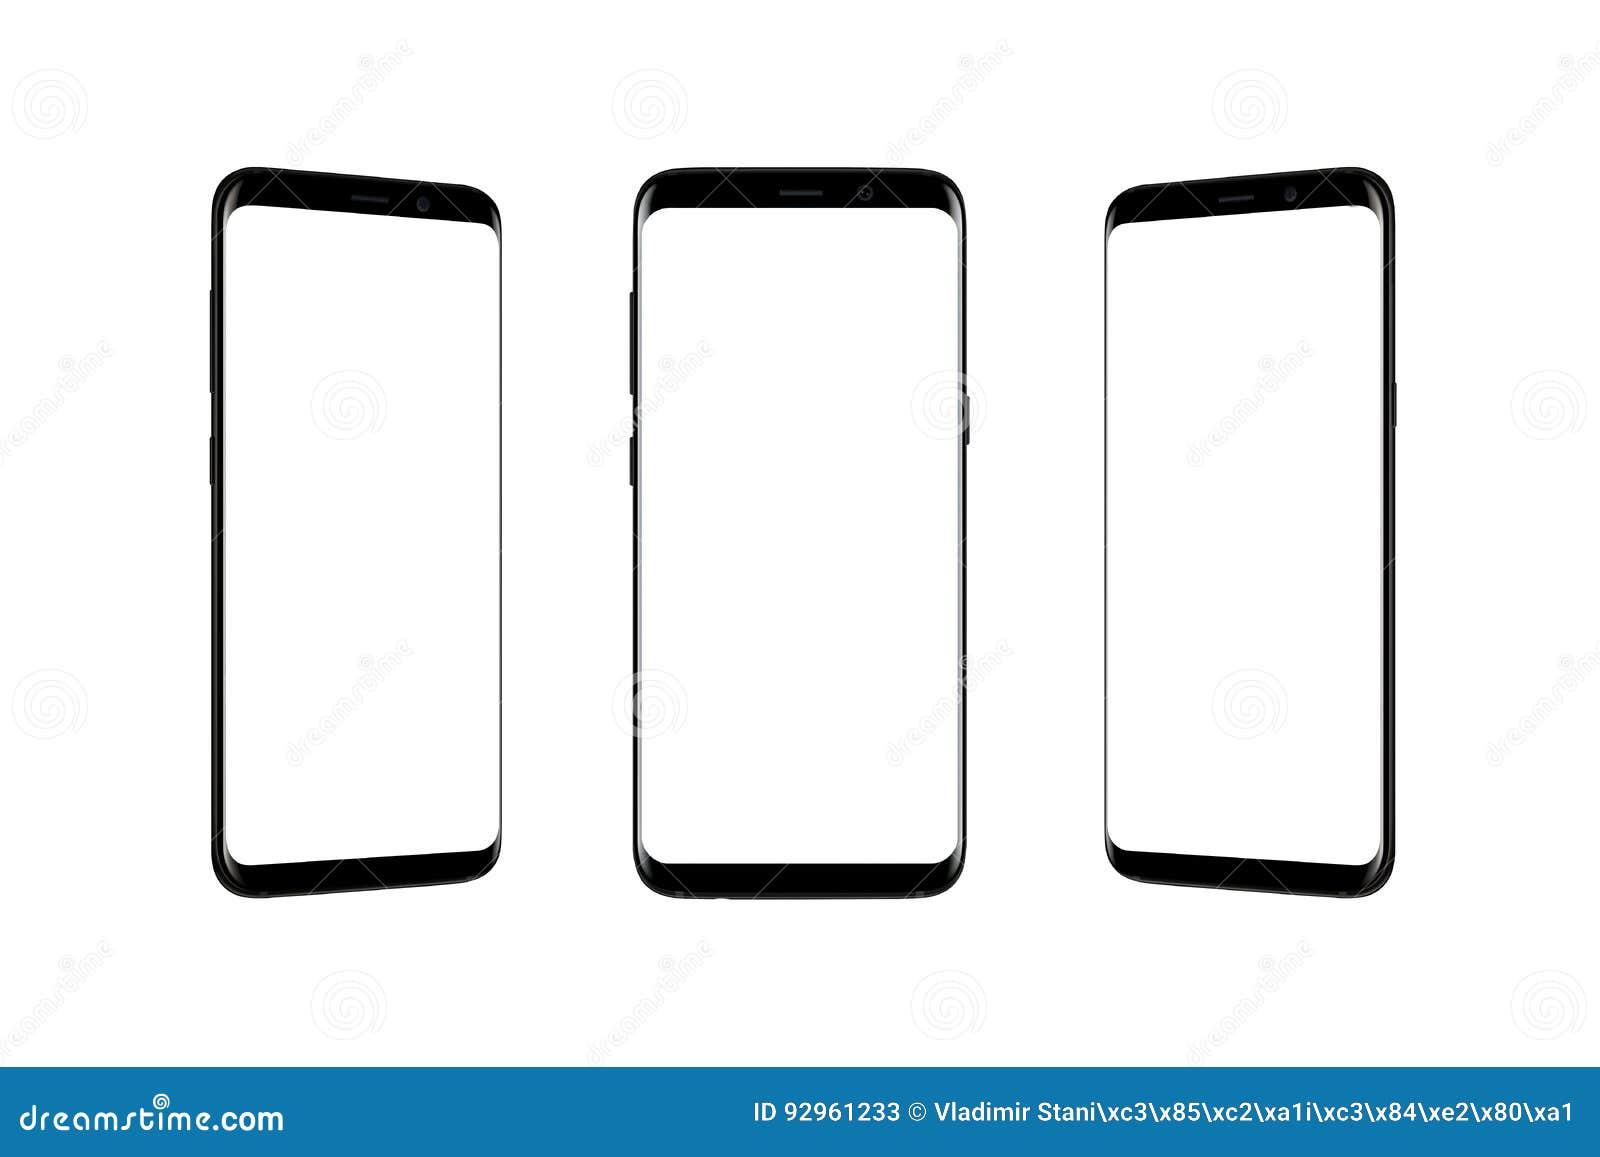 Smart Phone isolato in a tre posizioni